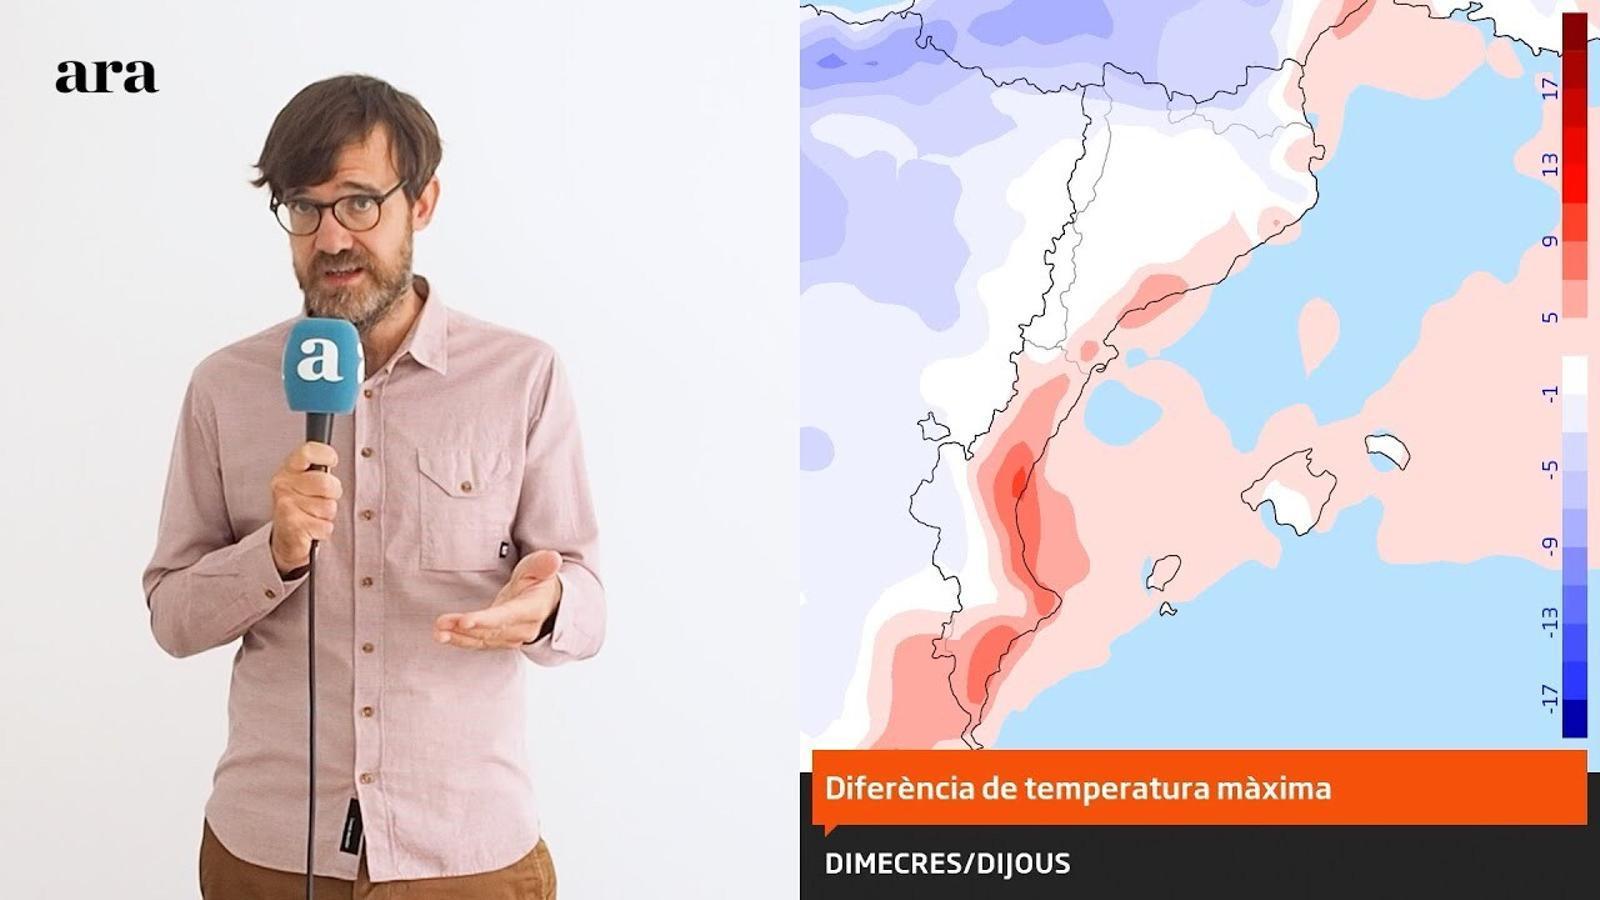 La méteo: dijous de calor a l'espera d'una nova fase de fred avançat, vent, pluges i nevades